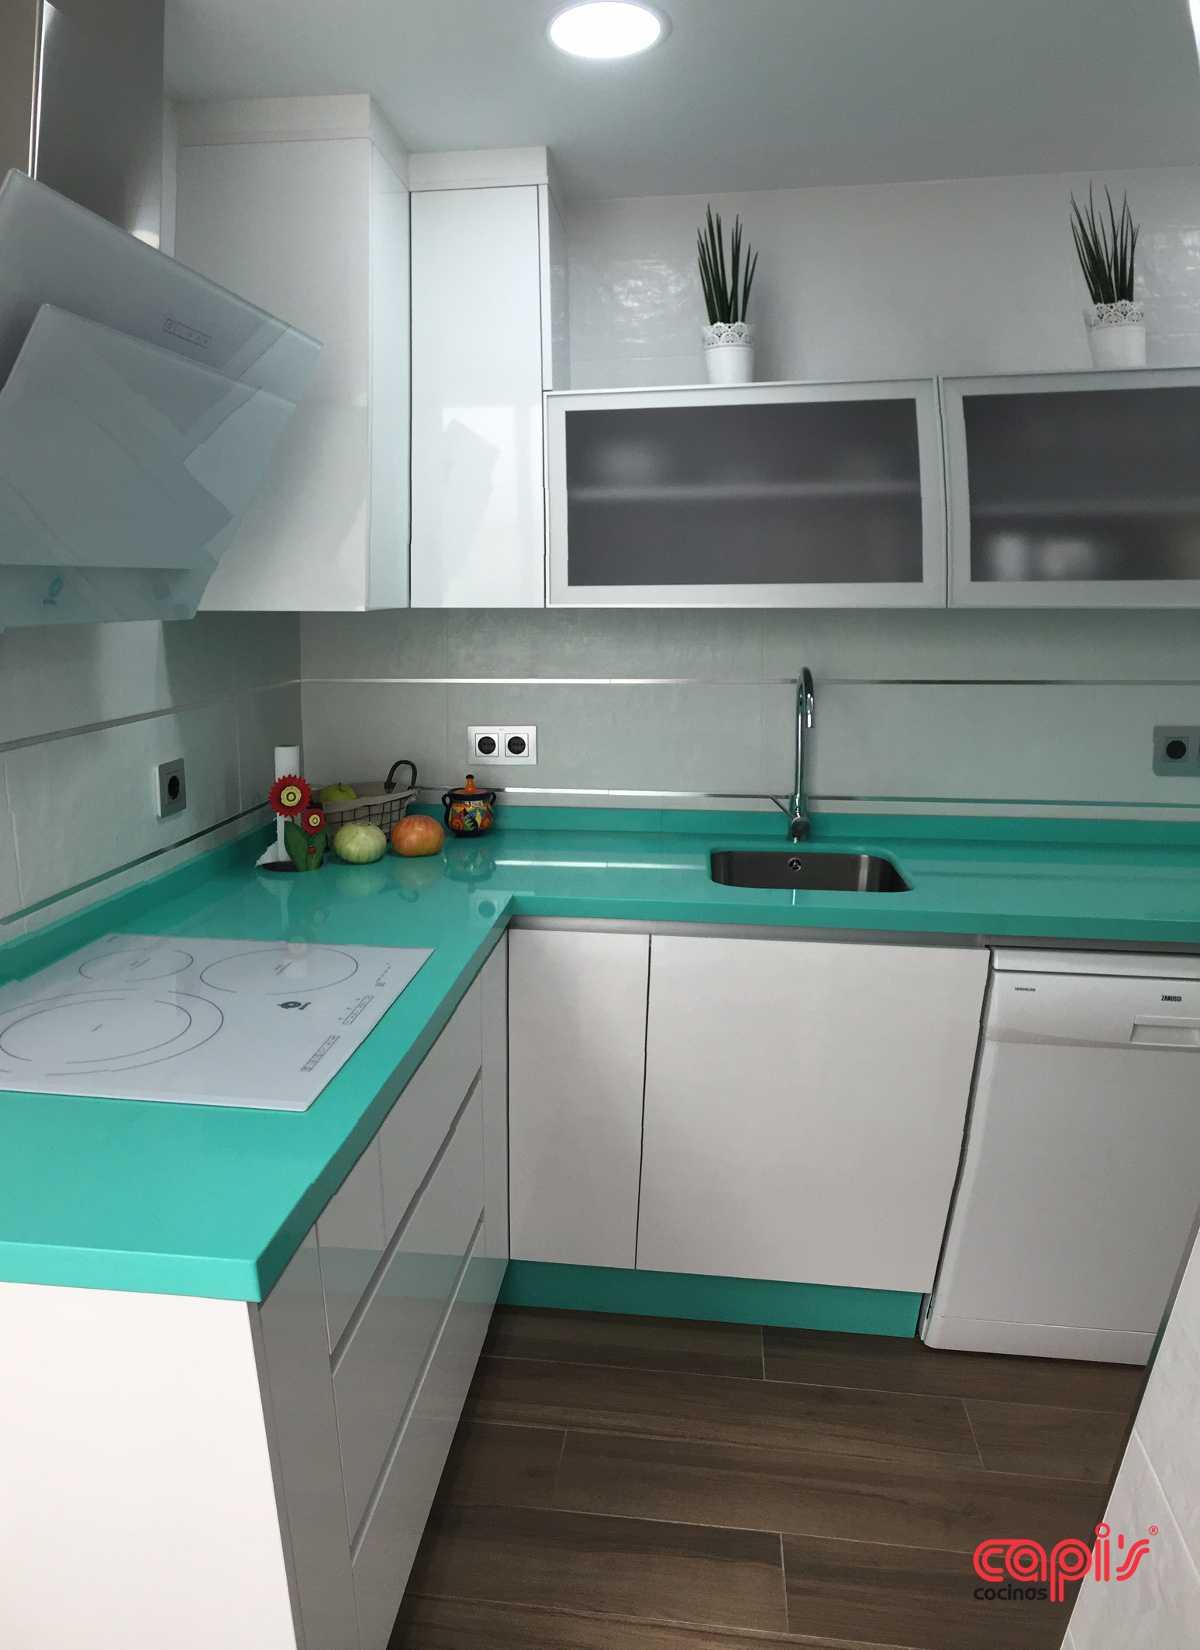 Cocina blanco brillo sin tiradores elegant cocina sin for Tiradores cocina leroy